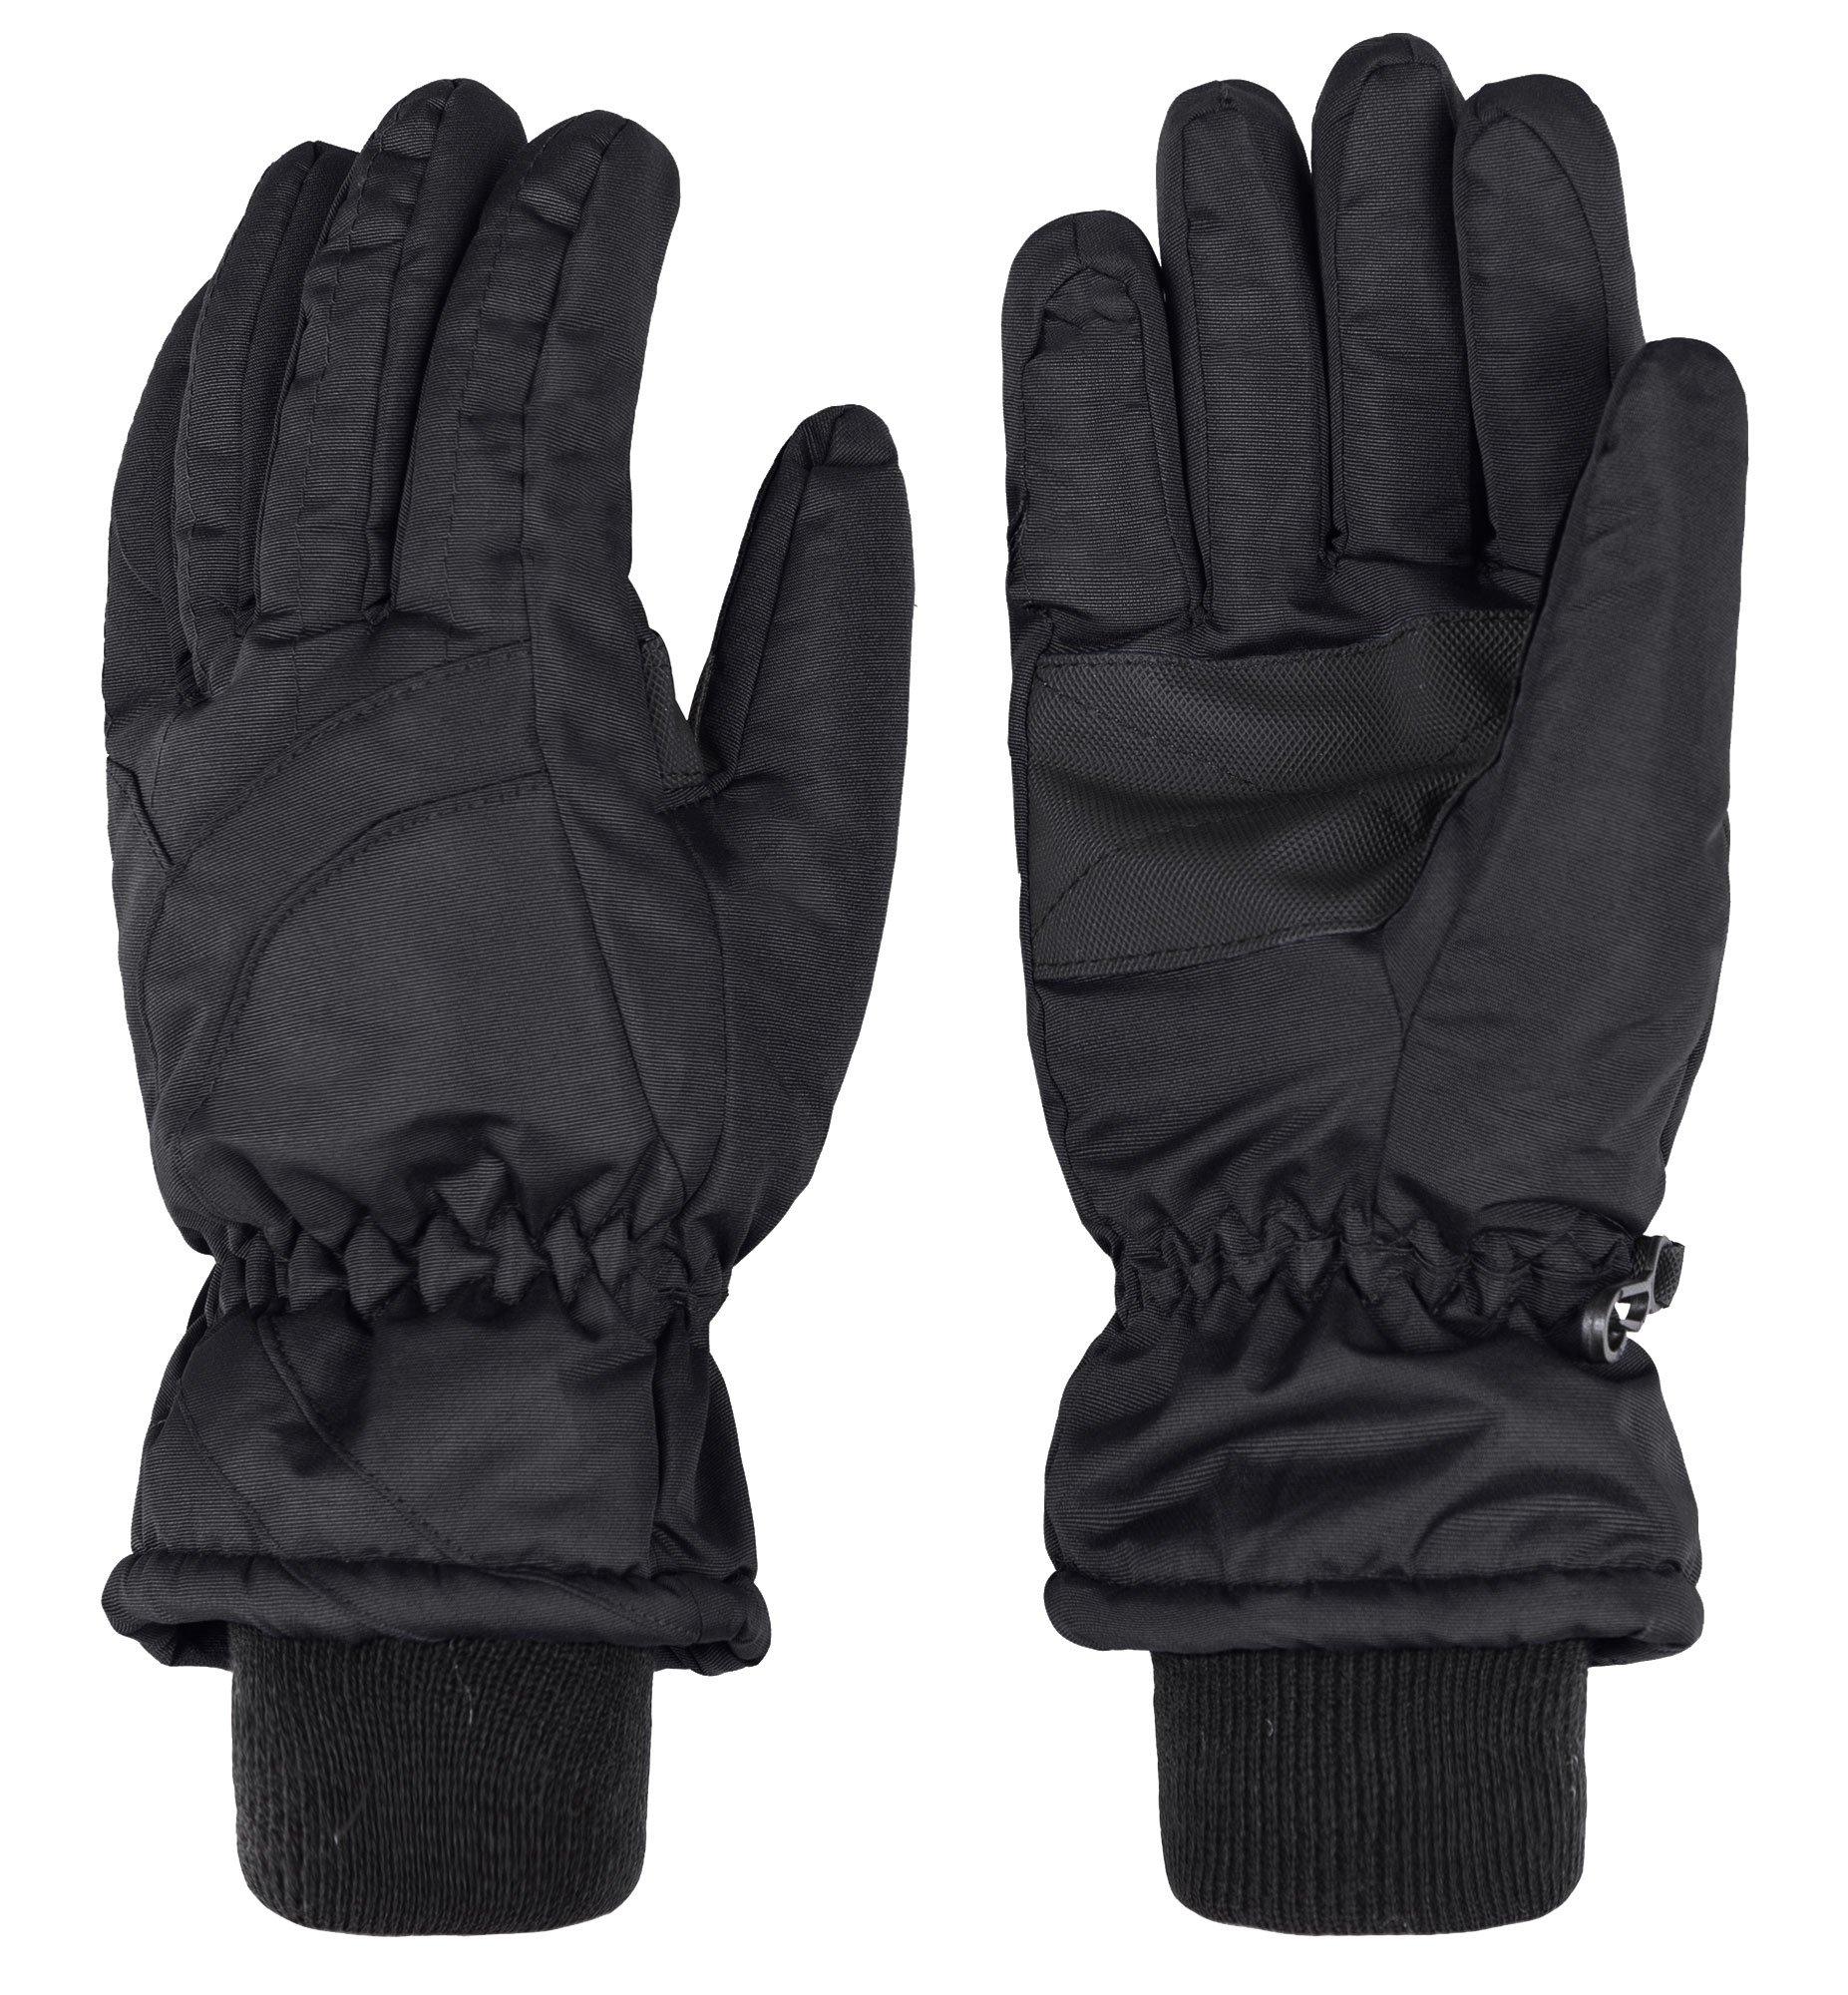 Wantdo Women's Waterproof Insulated Winter Warm Ski Snowboarding Gloves